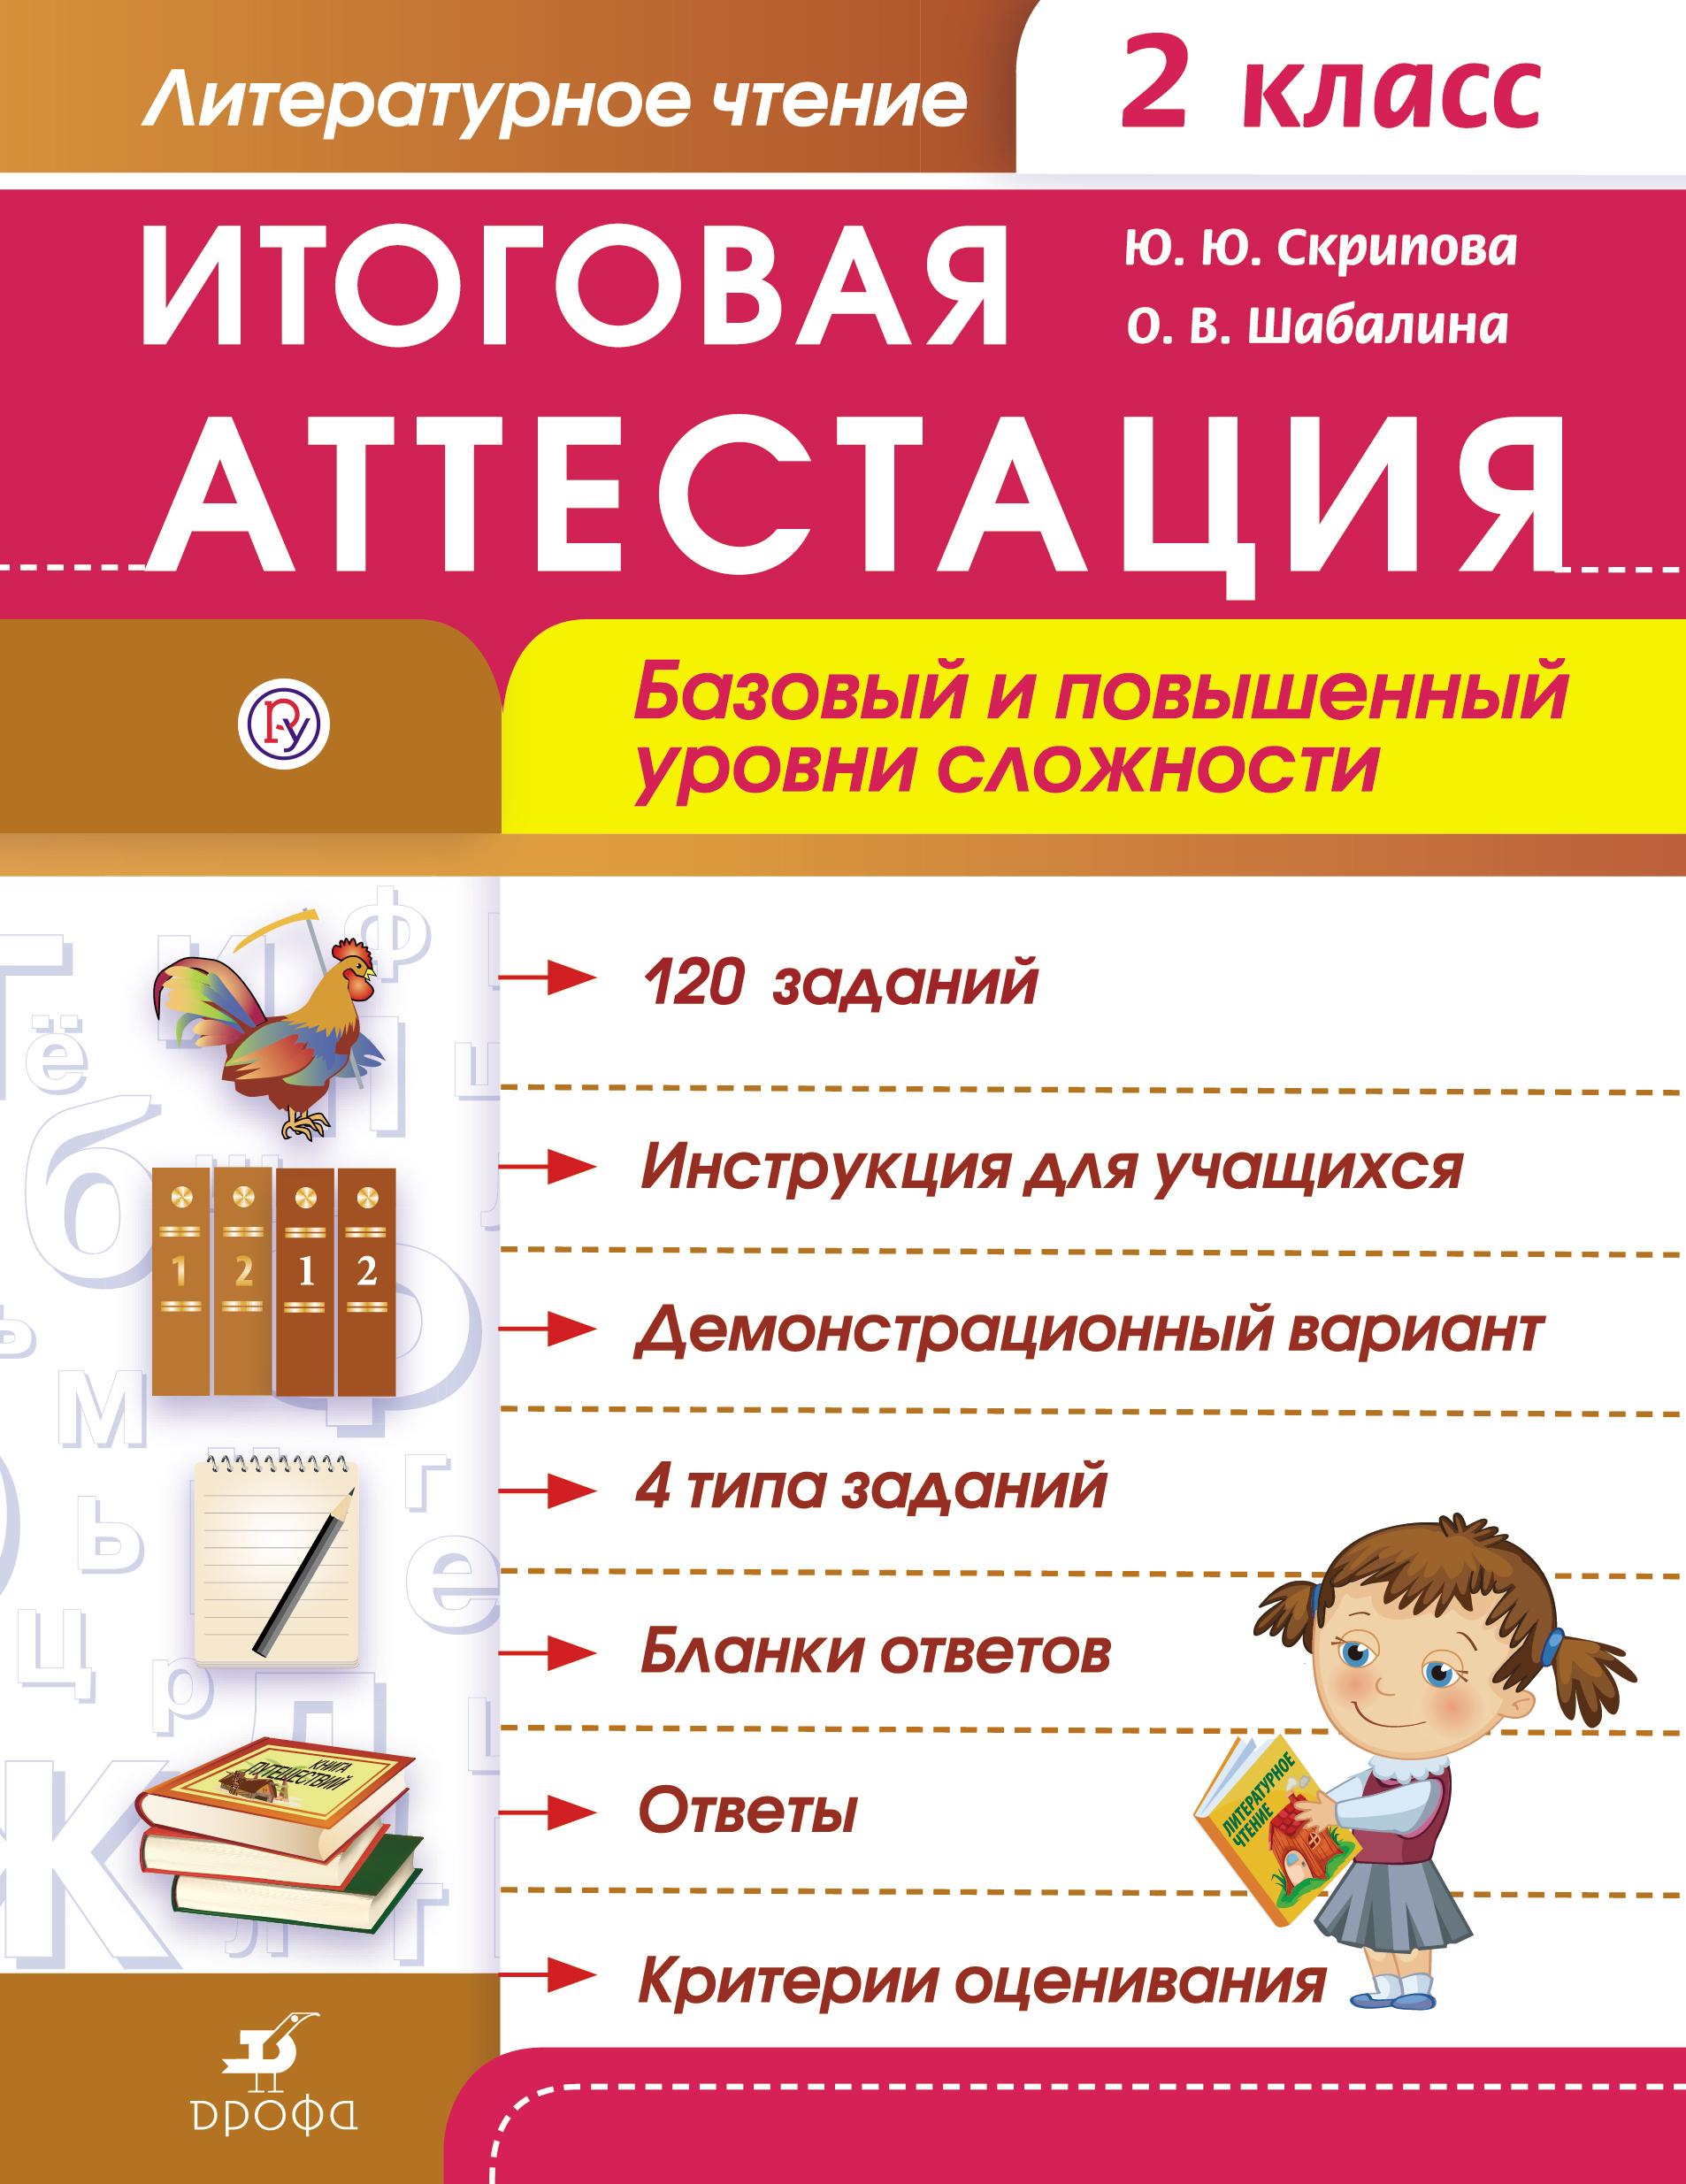 Литературное чтение. Итоговая аттестация. Базовый и повышенный уровни сложности. 2 класс